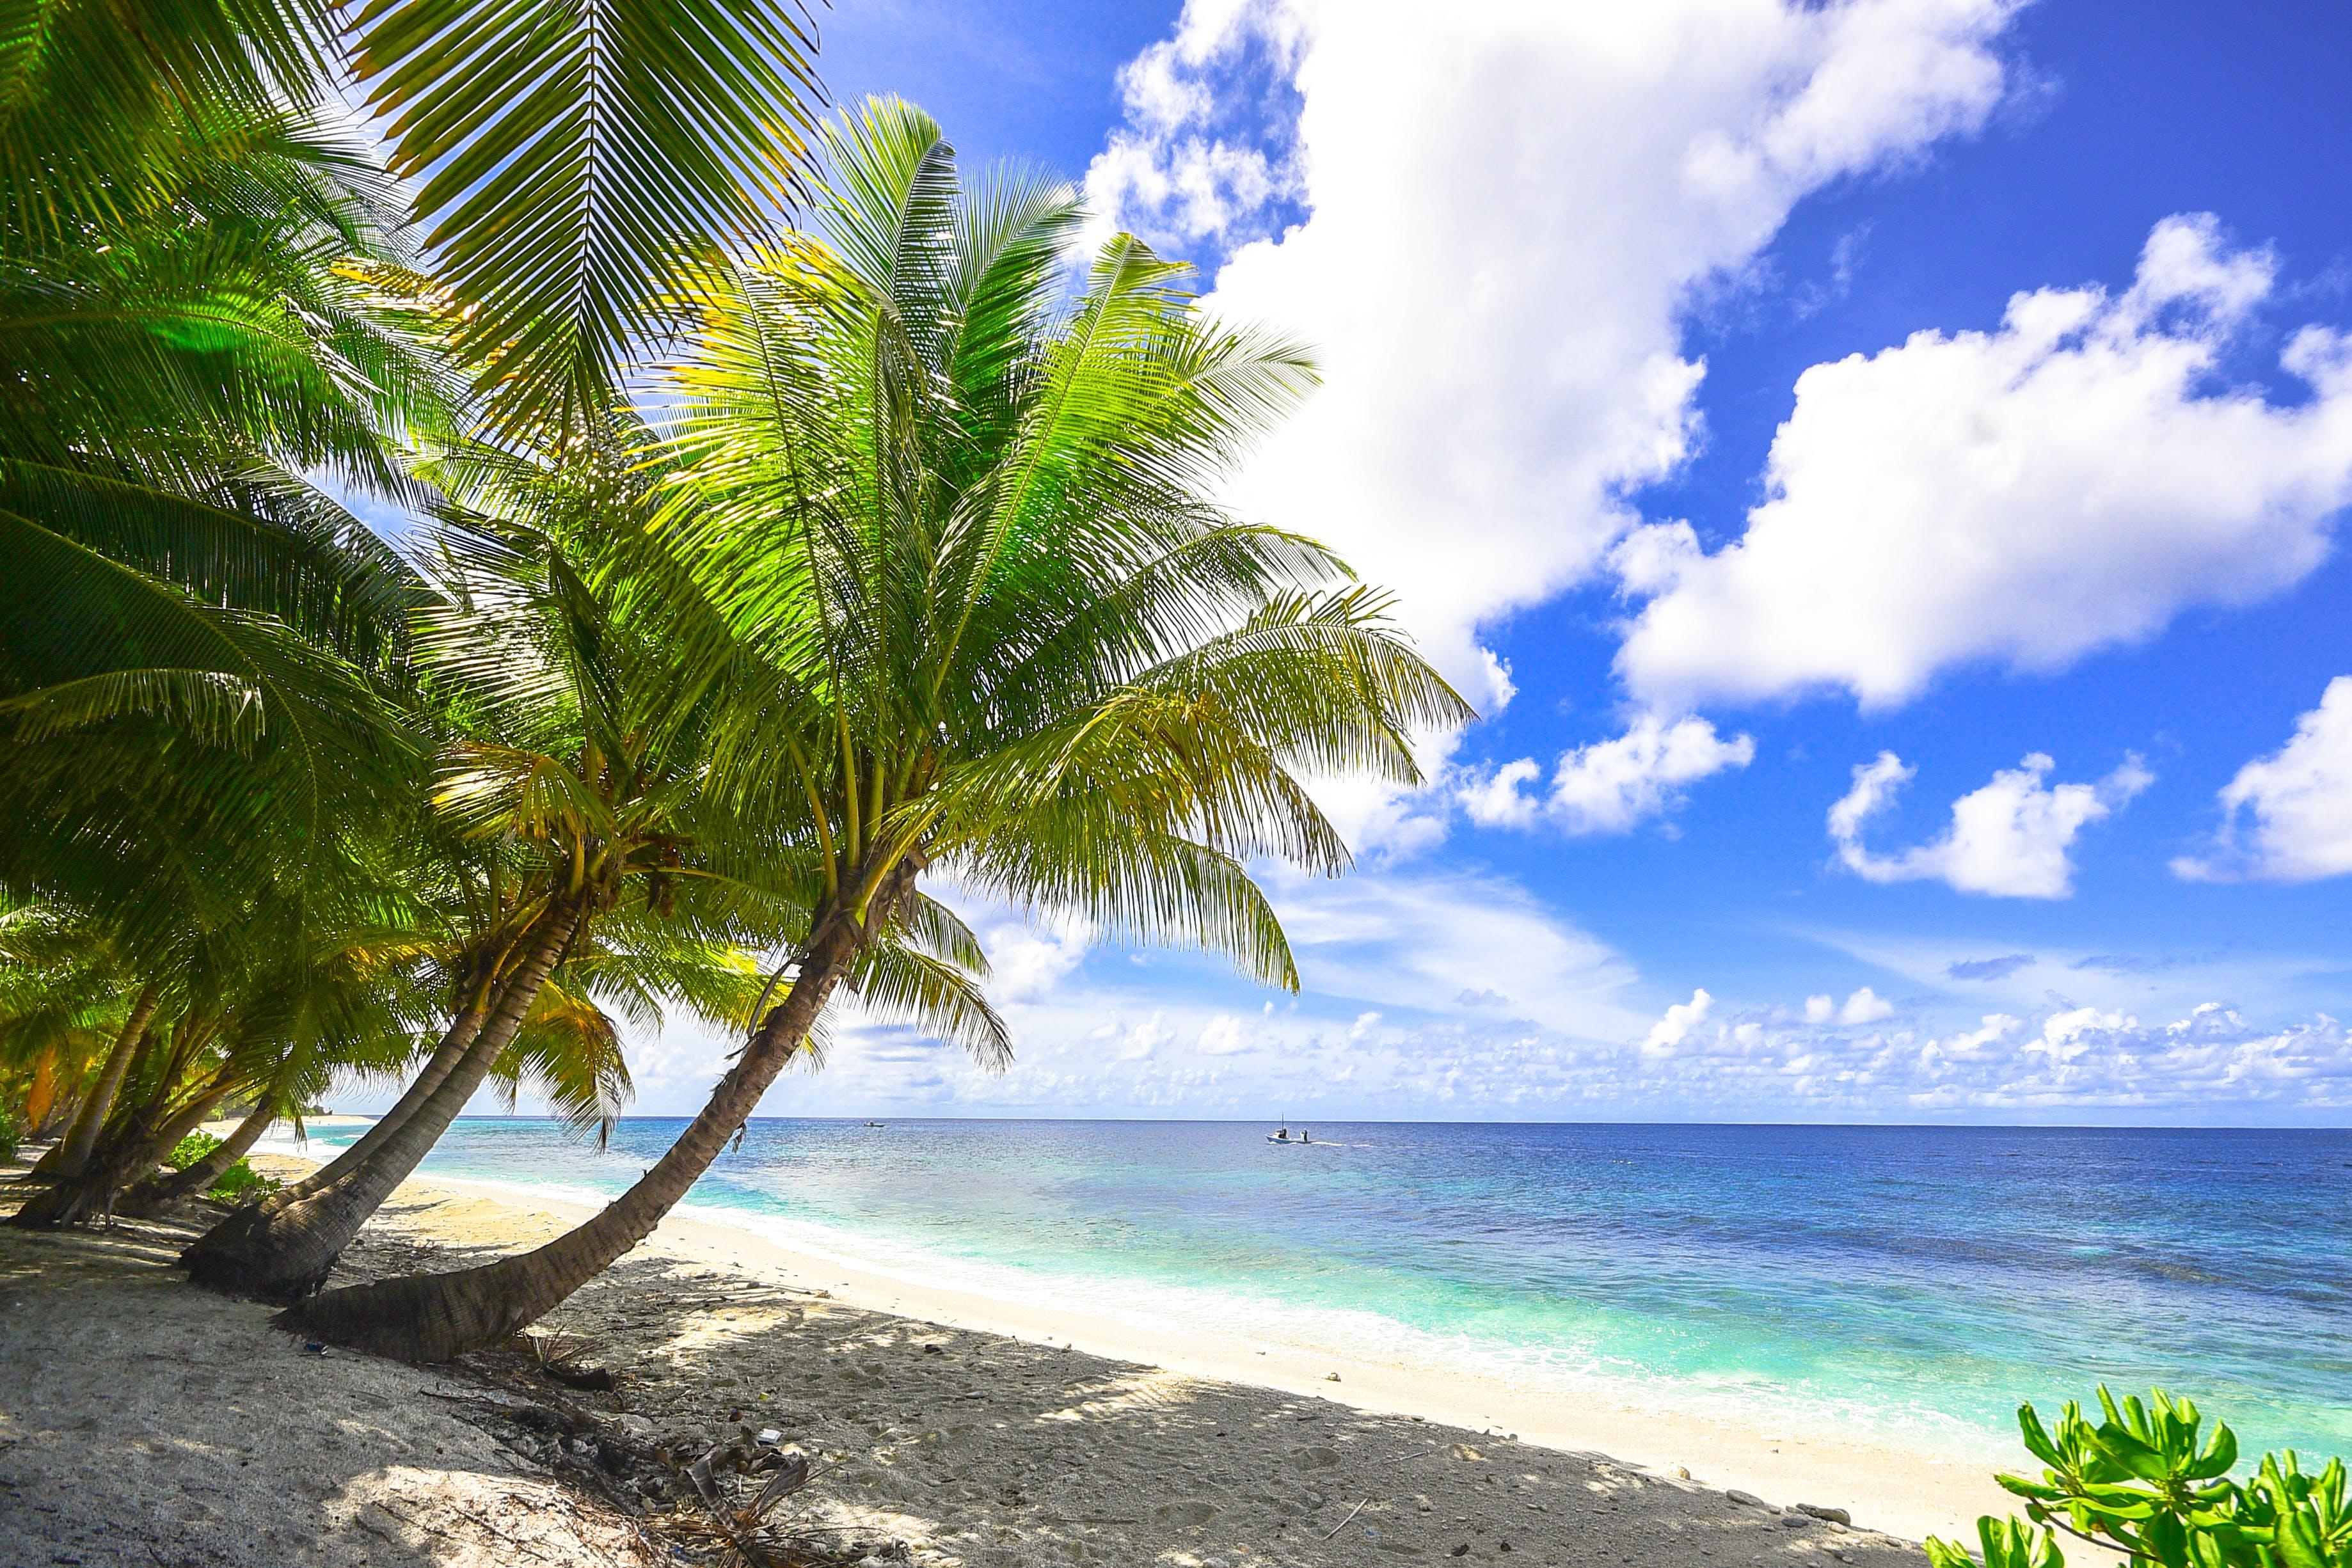 パラダイス, ビーチ, ヤシの木, リゾートの無料の写真素材